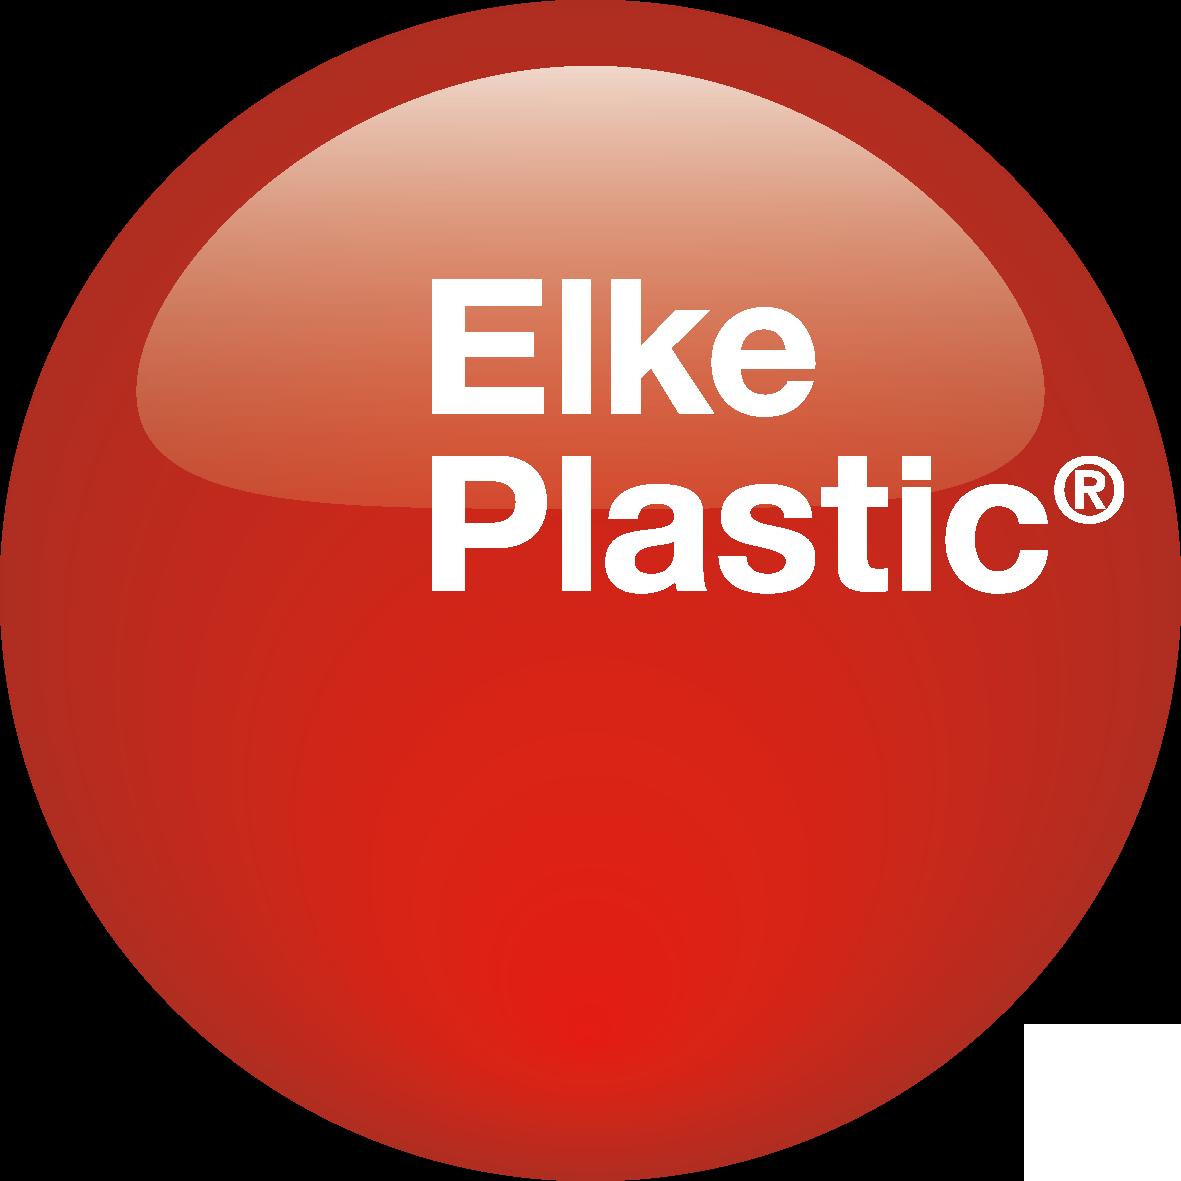 Elke Plastic - Ihr Profi für Folienverpackungen